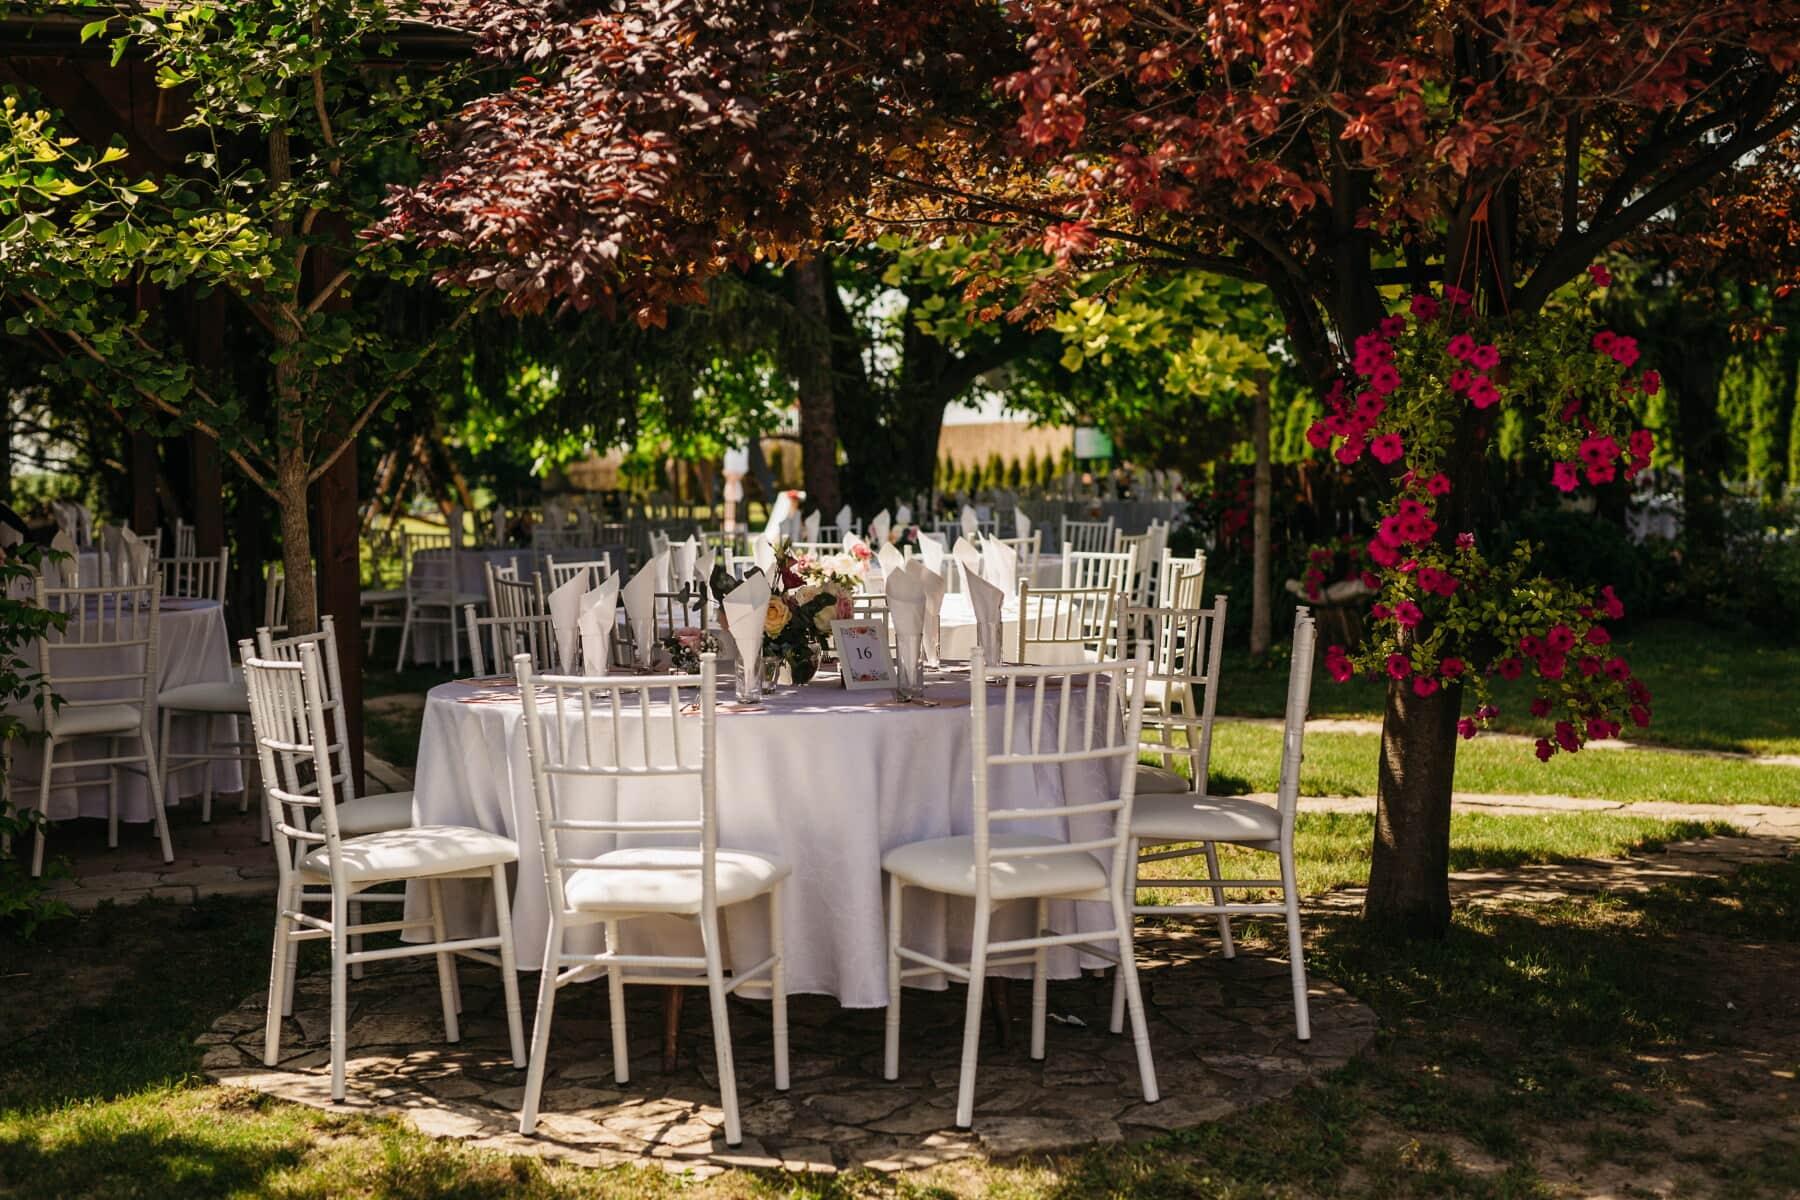 Garten, weiß, Tabelle, Hochzeitsort, Möbel, Stühle, Terrasse, Struktur, Sitz, Stuhl